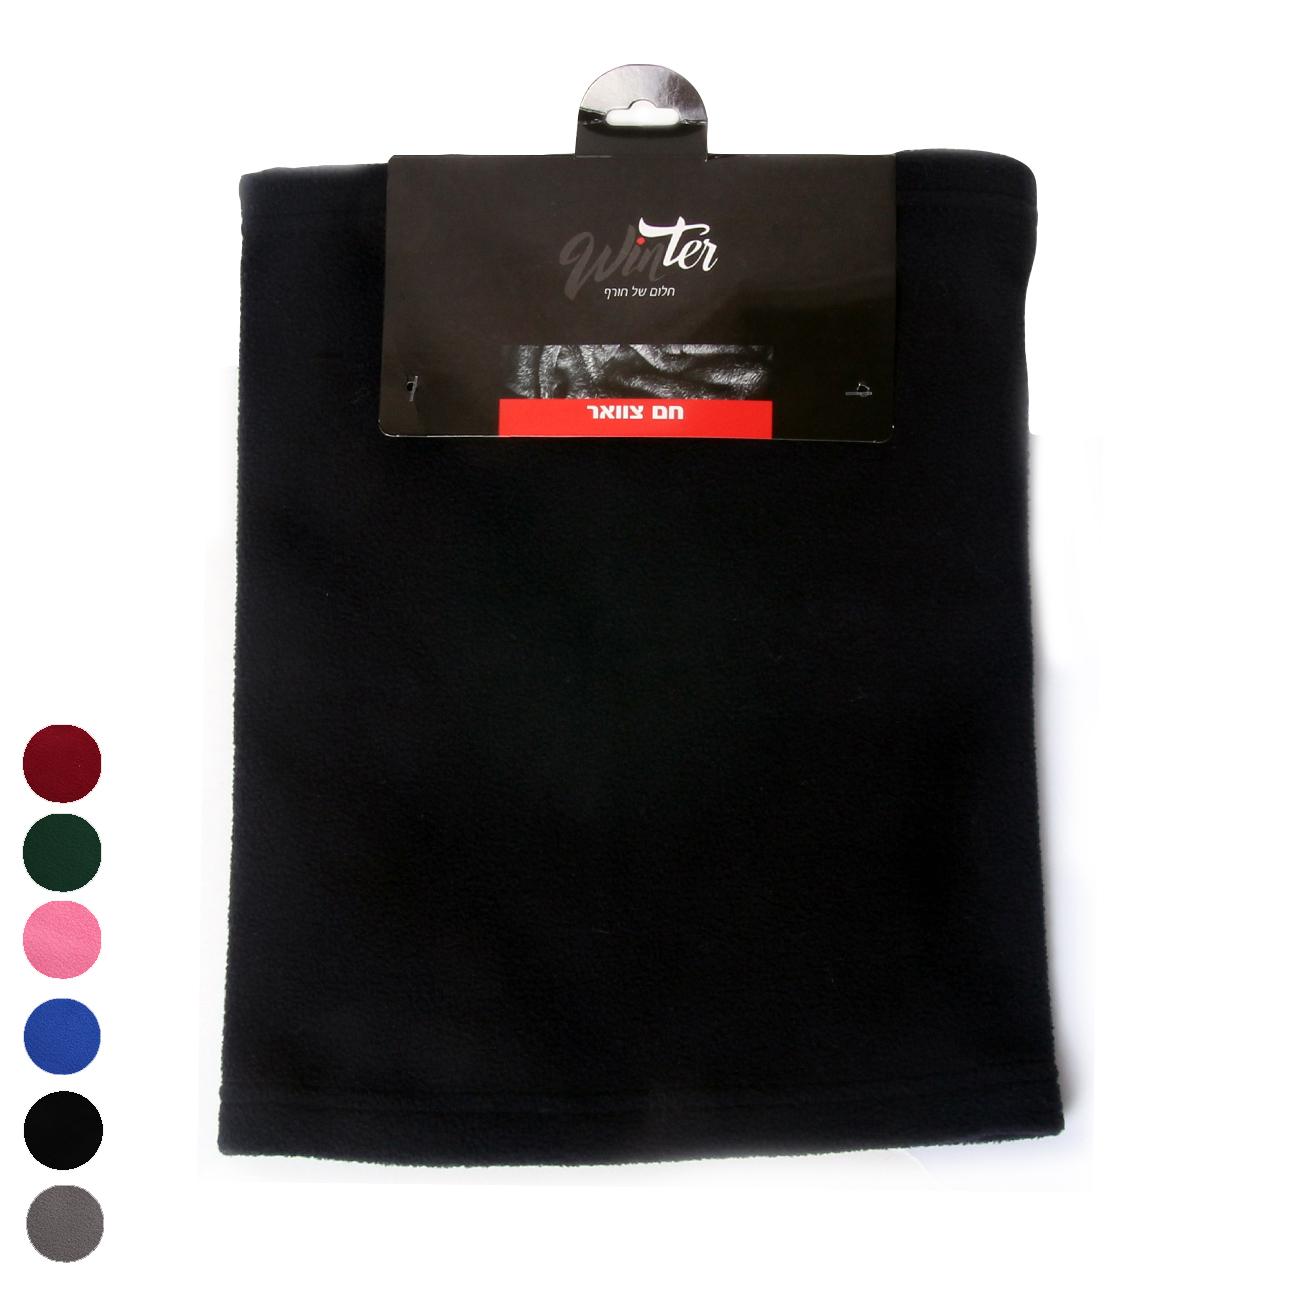 חם צוואר בייסיק צבעוני 6-צבעים